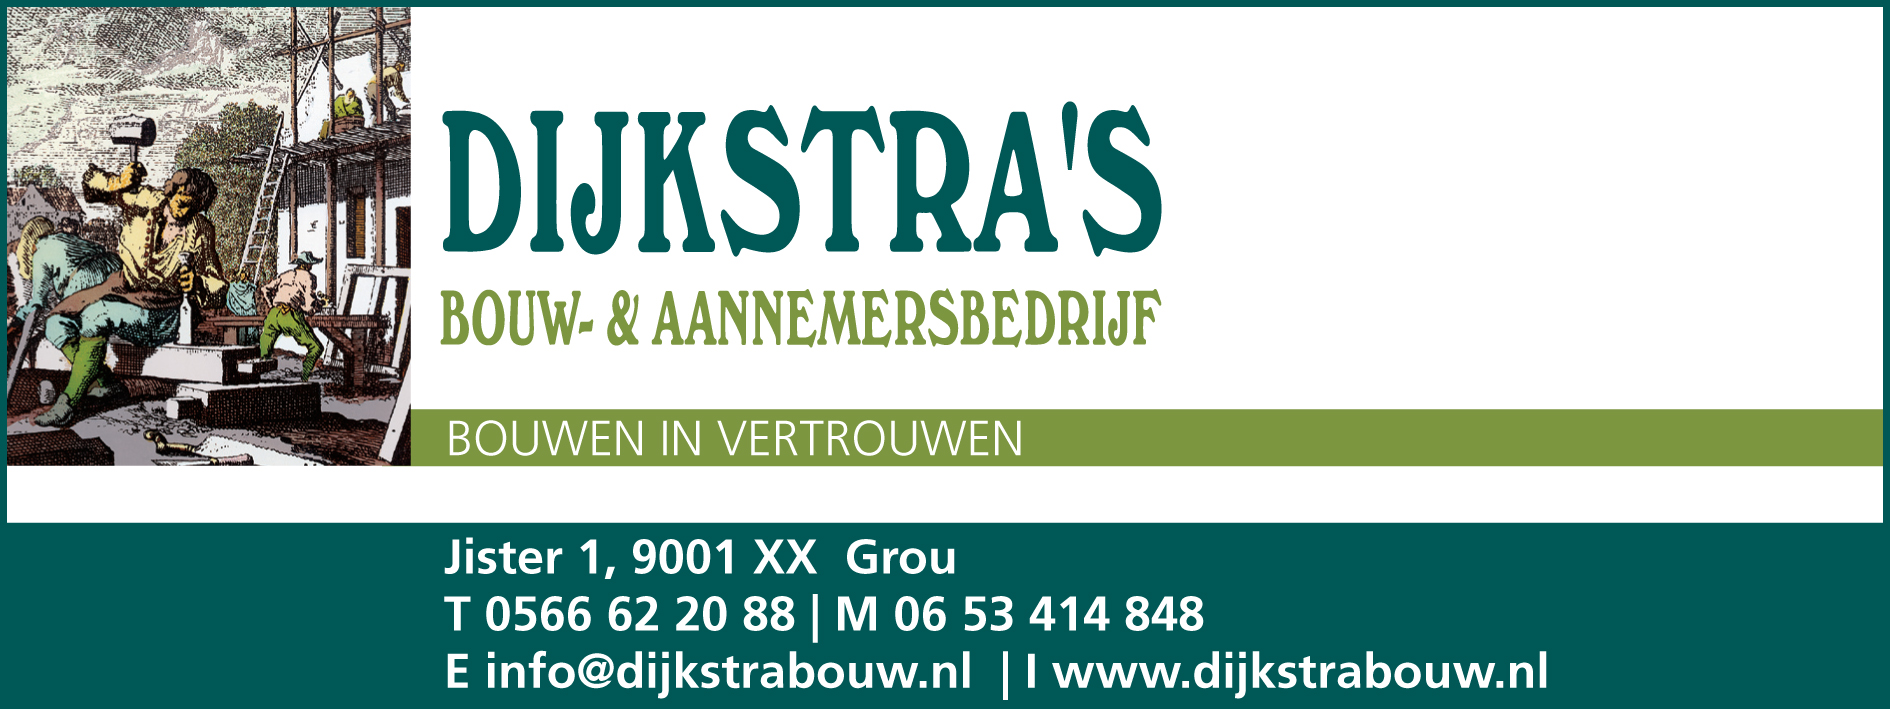 Logo van Dijkstra's bouw- en aannemersbedrijf b.v.